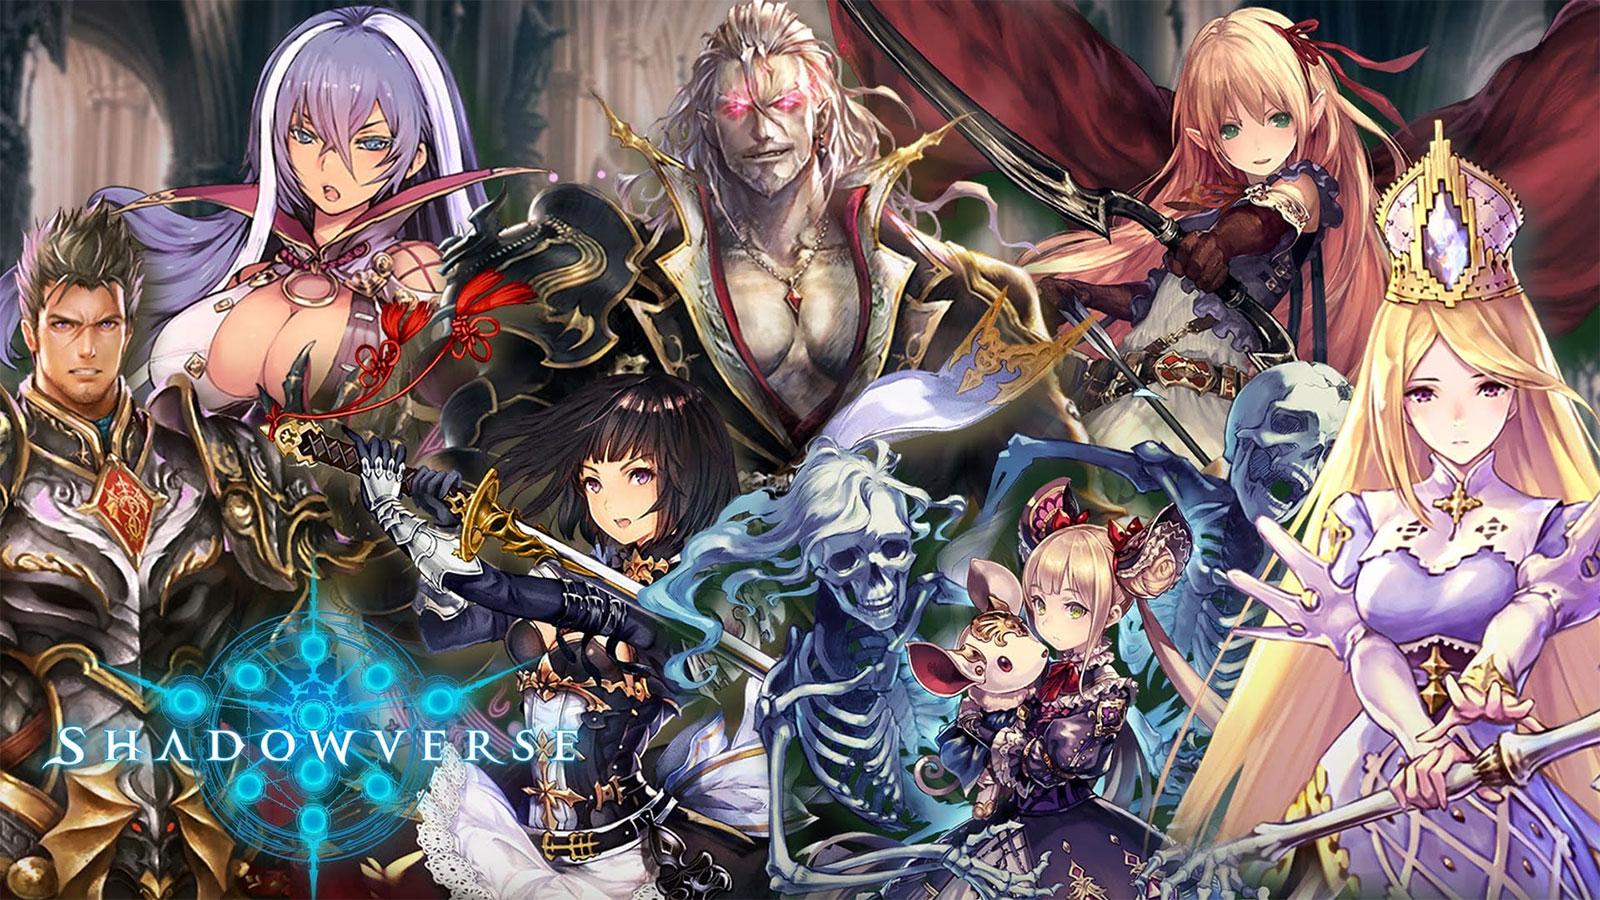 Shadowverse compte 8 classes ayant chacune un meneur et des spécialités